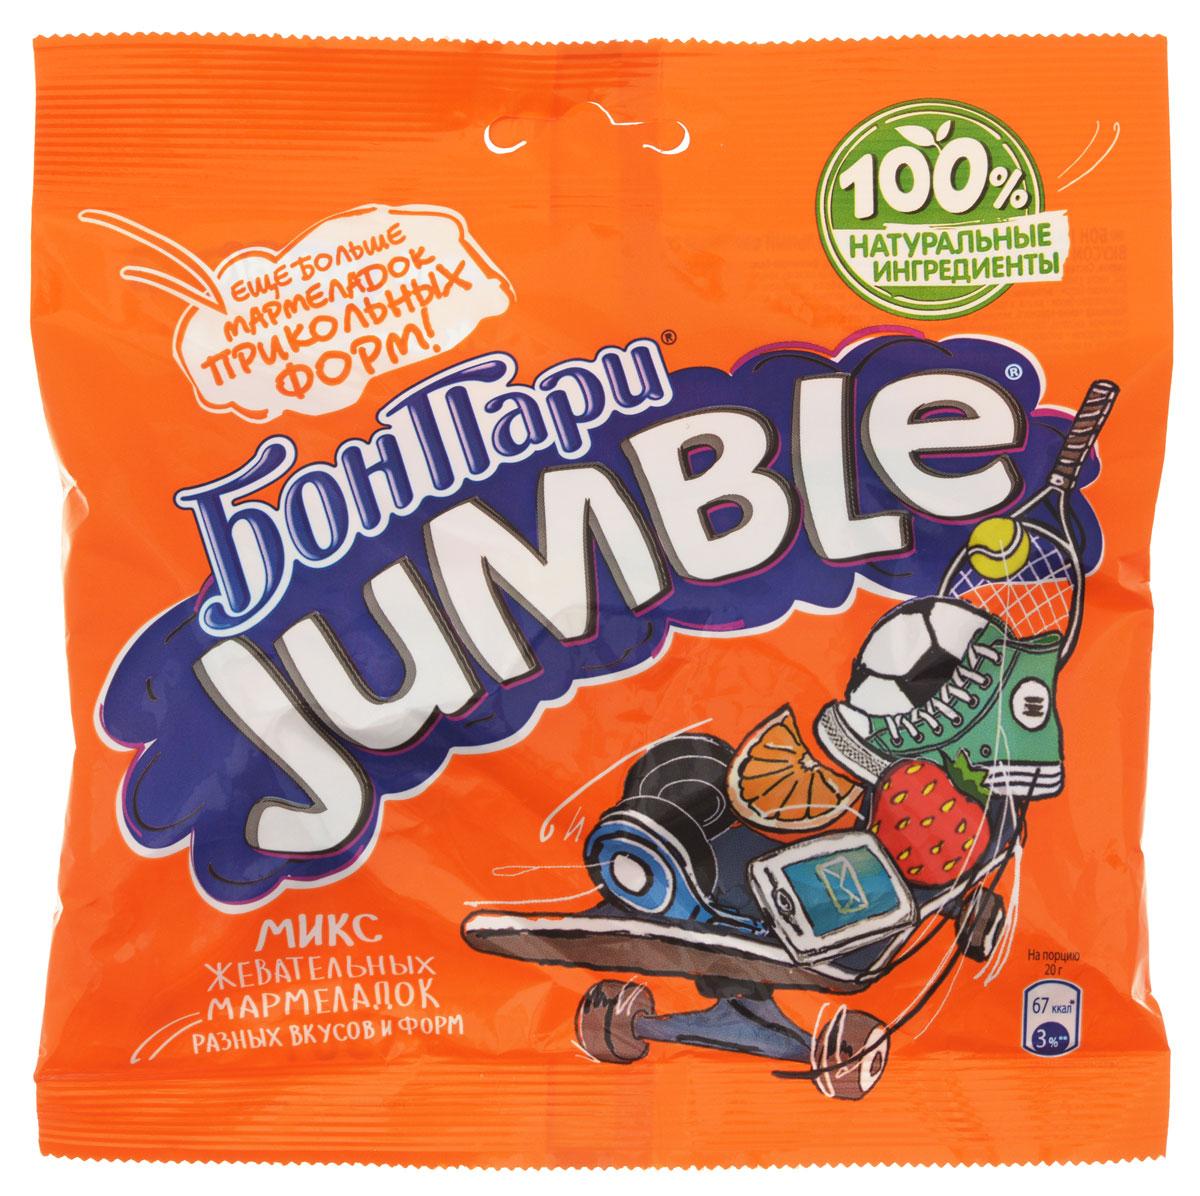 """Микс жевательного фигурного мармелада Бон Пари """"Jumble"""" со вкусом фруктов. Более 60 разнообразных форм. Для изготовления мармелада Бон Пари используются только природные красители, полученные из натуральных компонентов. Продукт может содержать орехи, глютен, молоко и диоксид серы."""